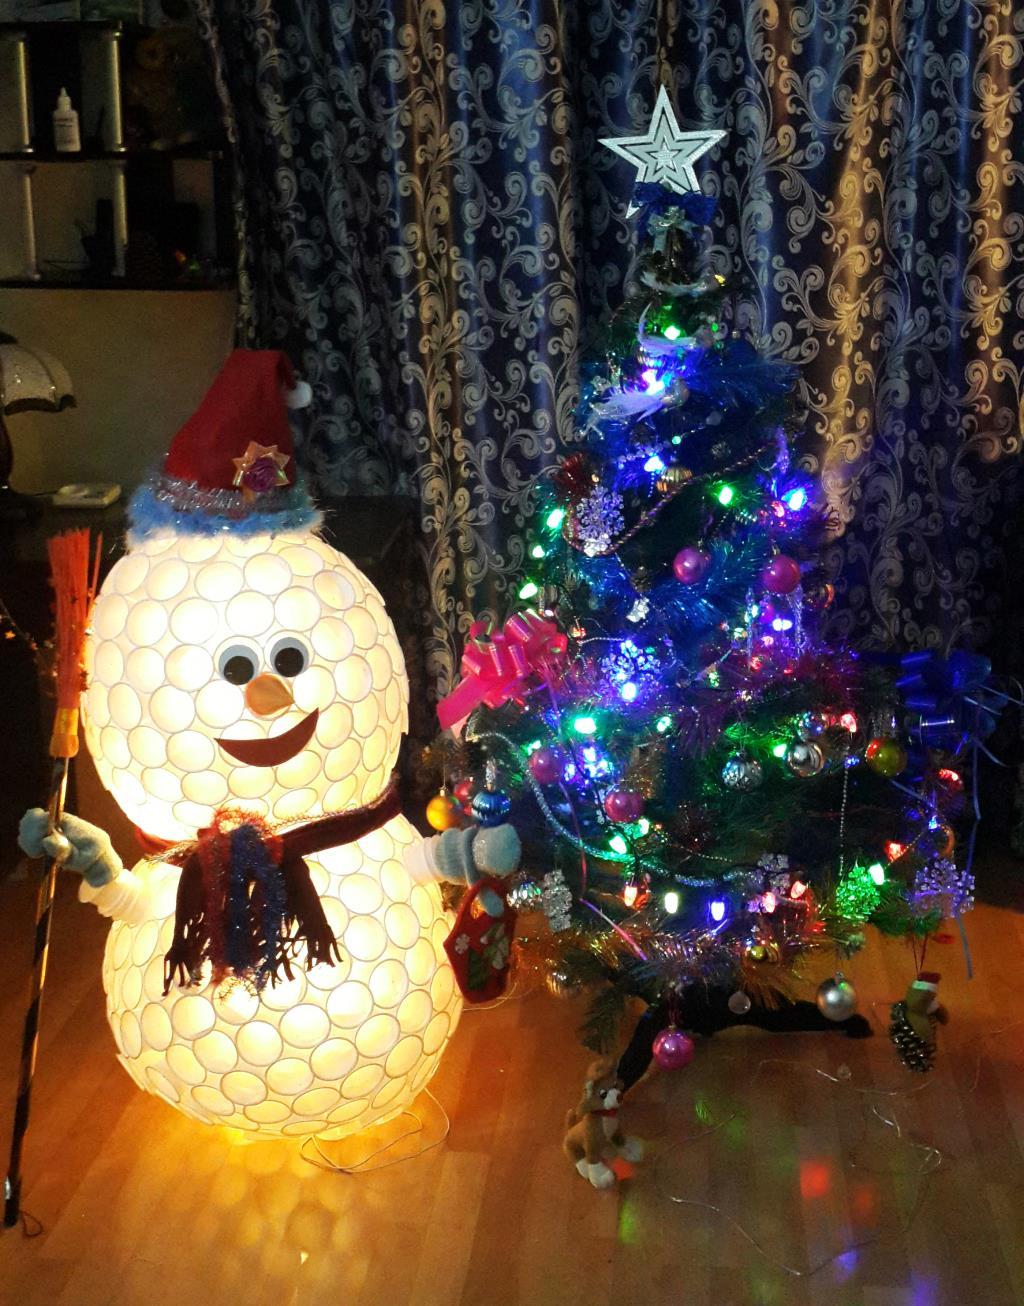 Ёлка и Снеговик из стаканчиков.. Блиц: новогодняя елочка